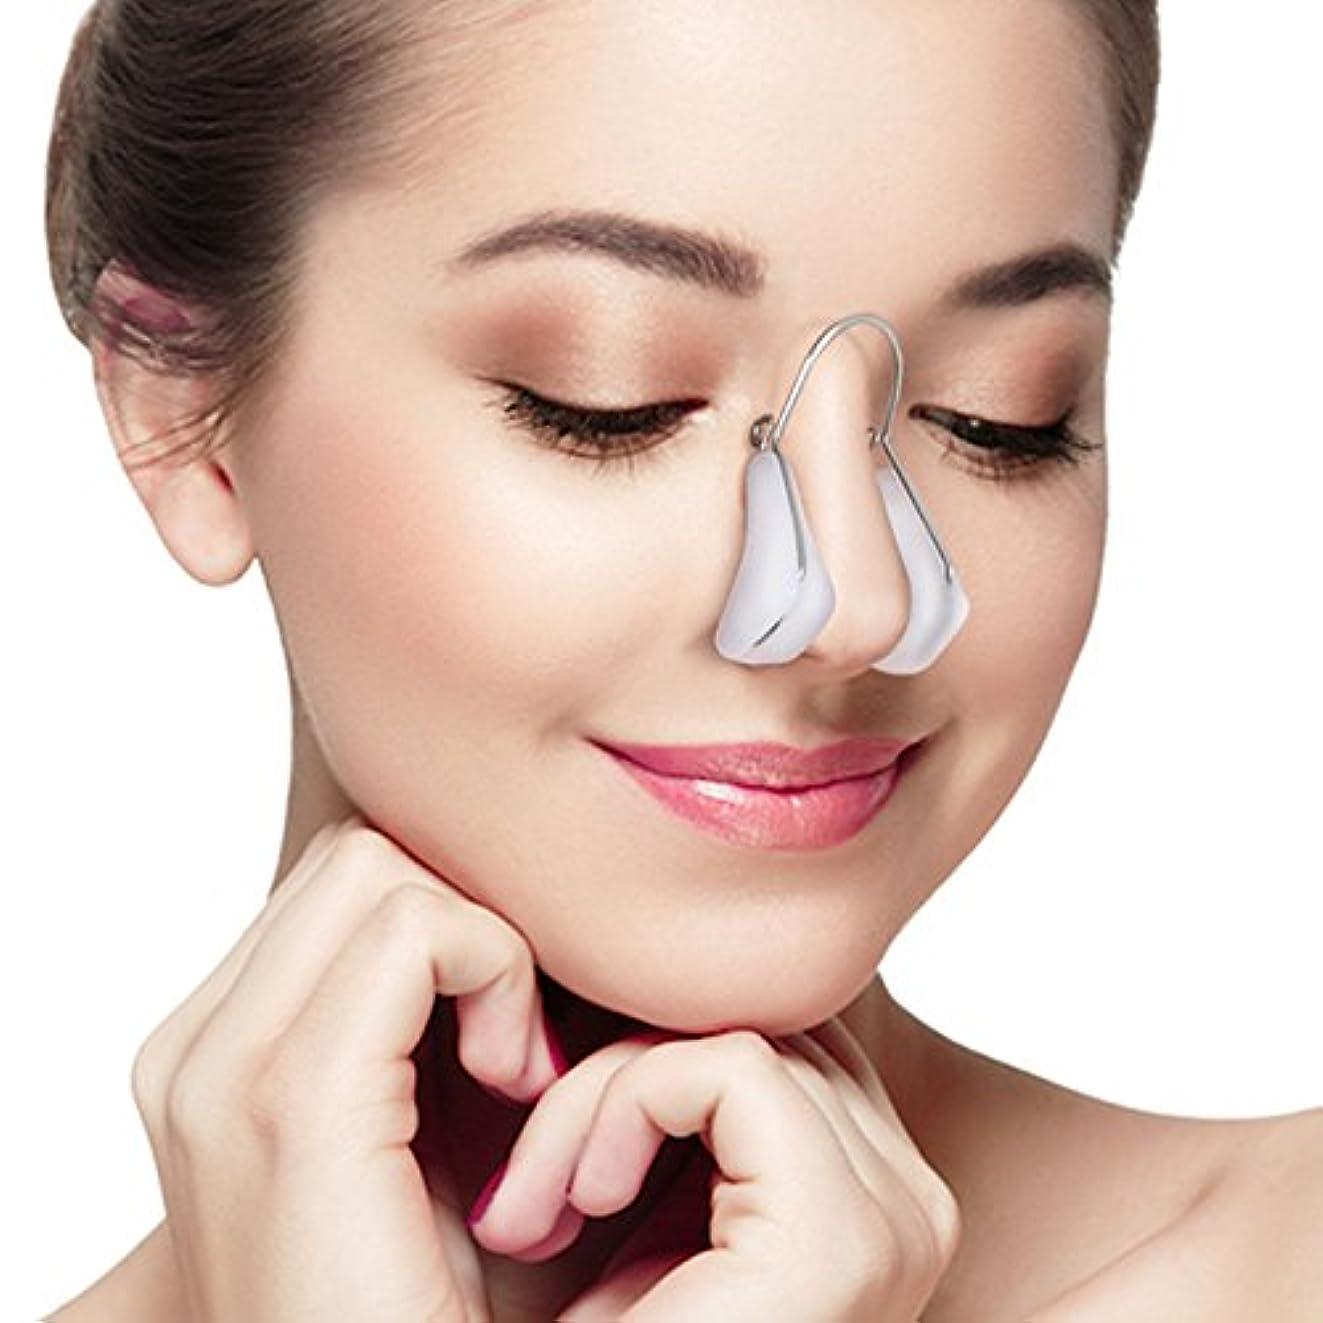 無数の許容キャンドルSPADE.s 高鼻 クリップ 団子鼻 上向き鼻 コンプレックス 解消 SC-004 (ホワイト)